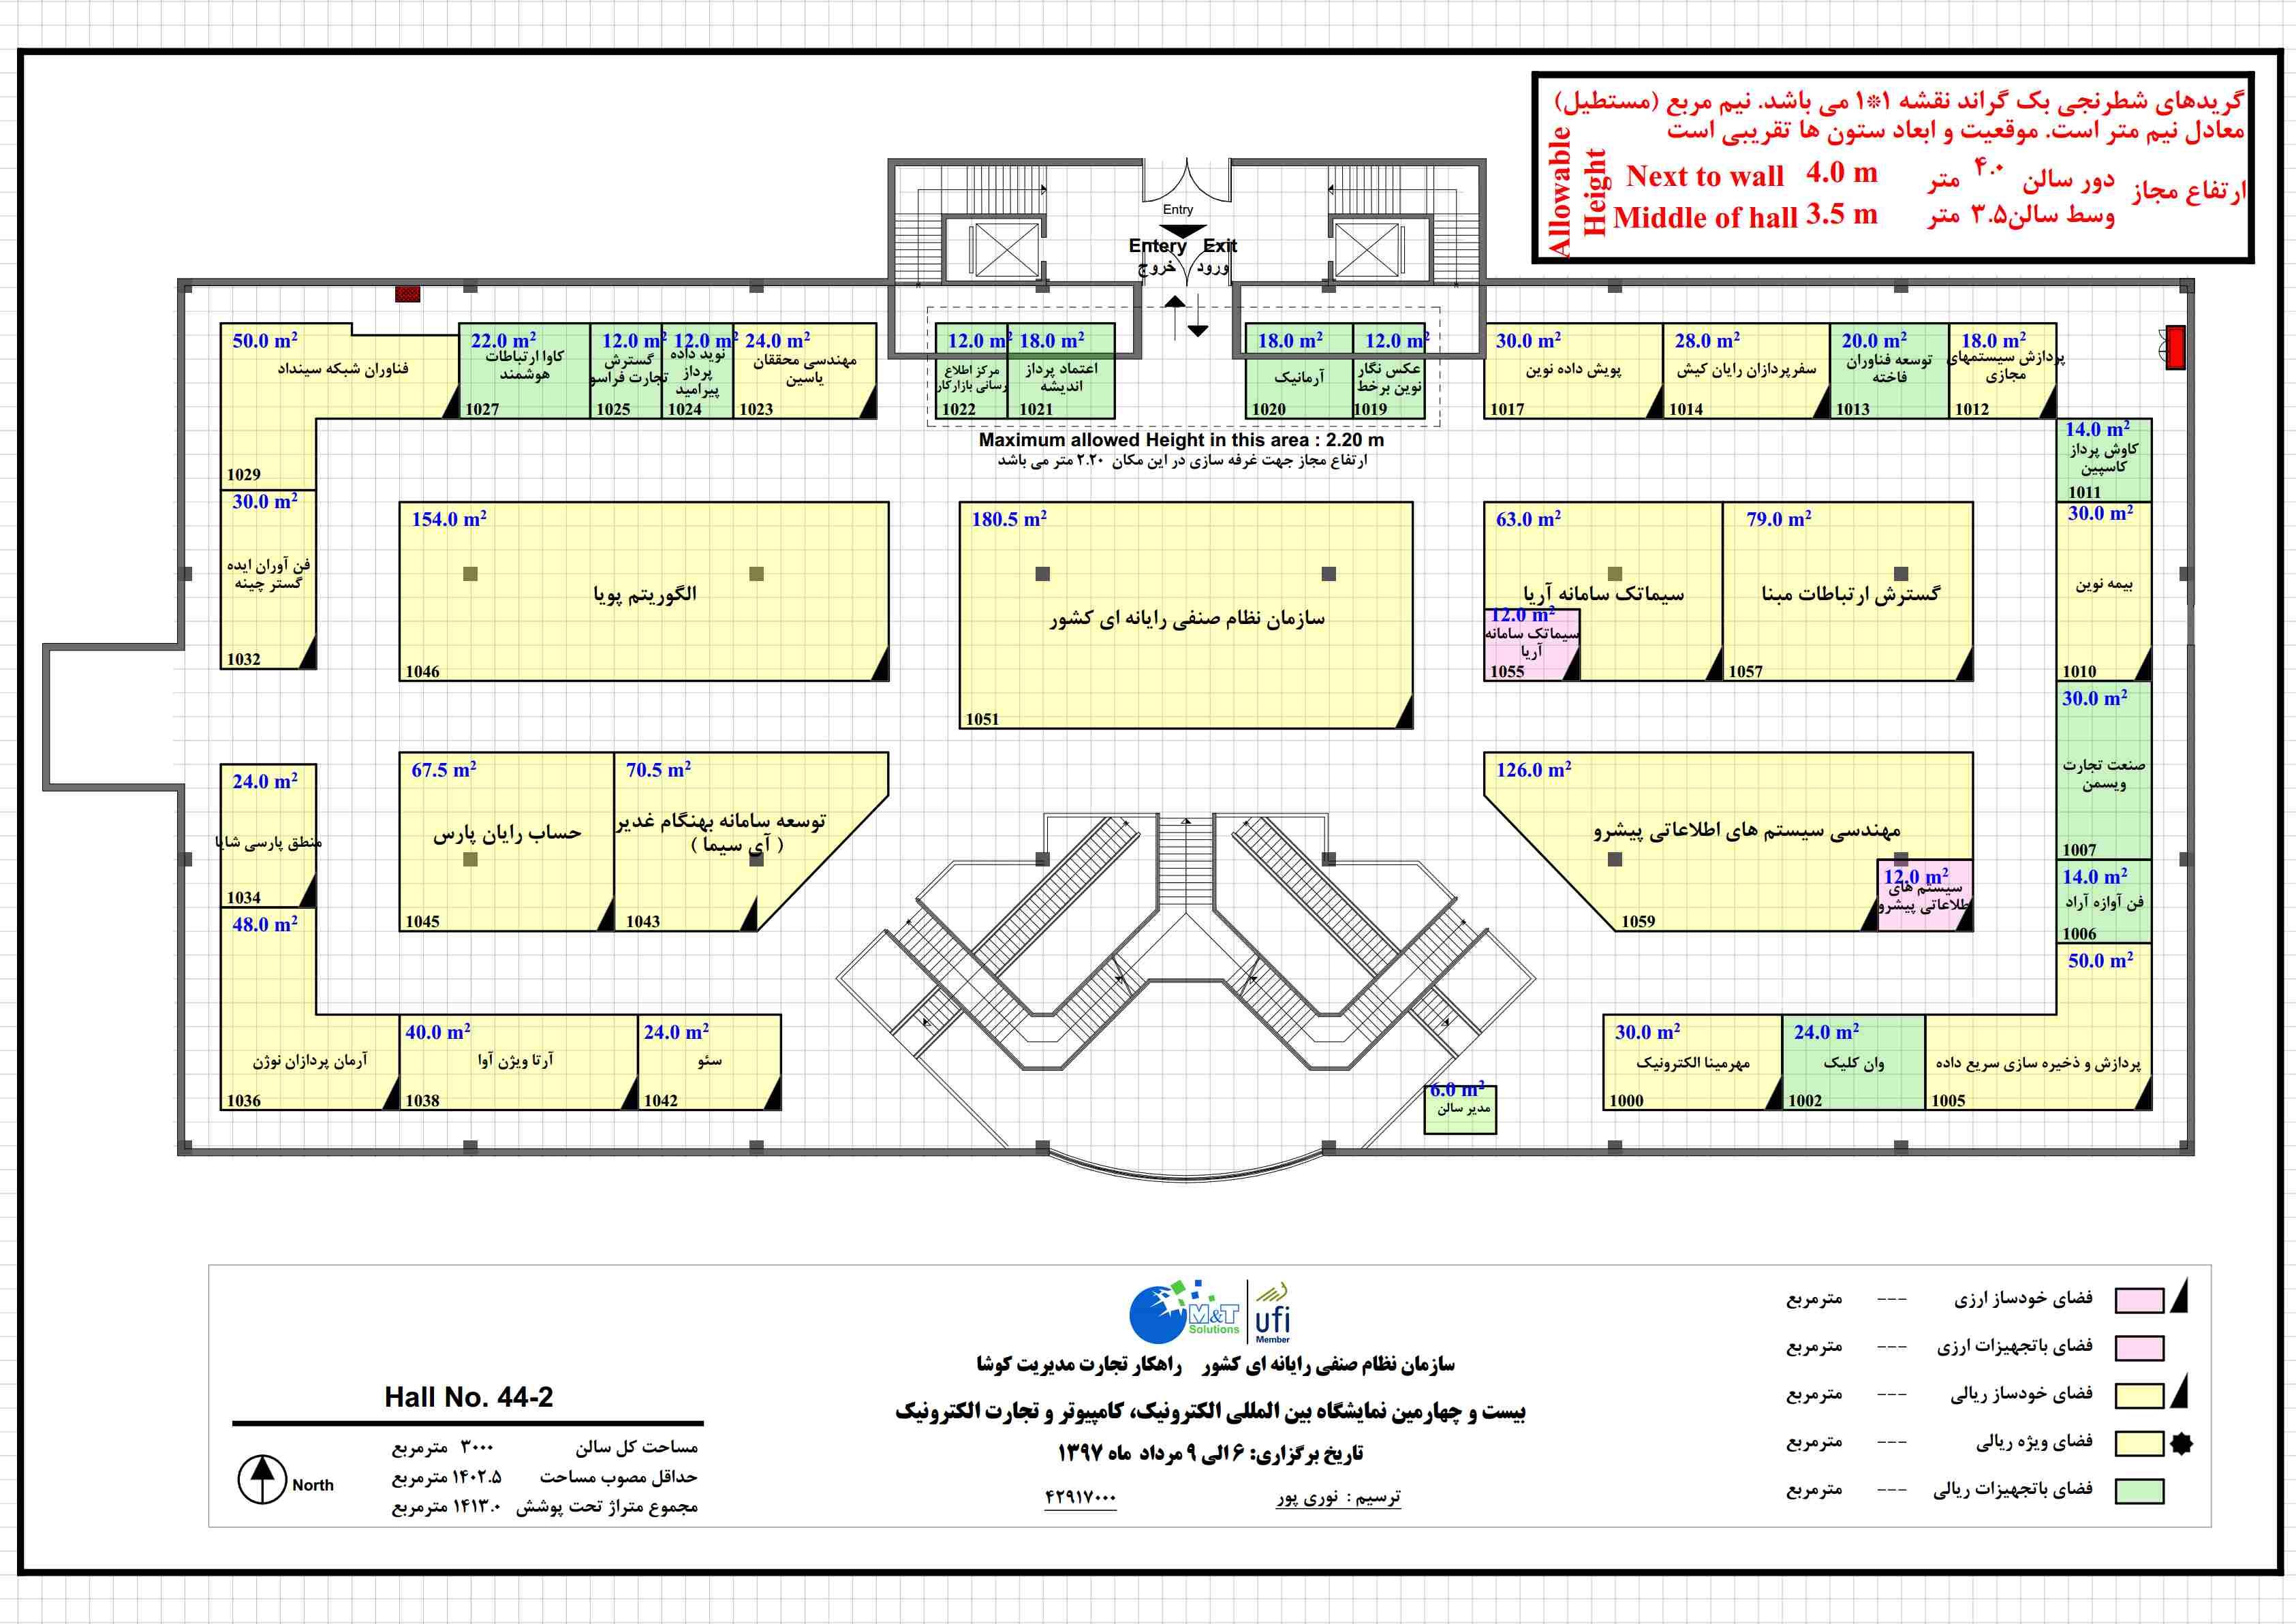 نقشه راهنمای نمایشگاه الکامپ تهران سالن 44b